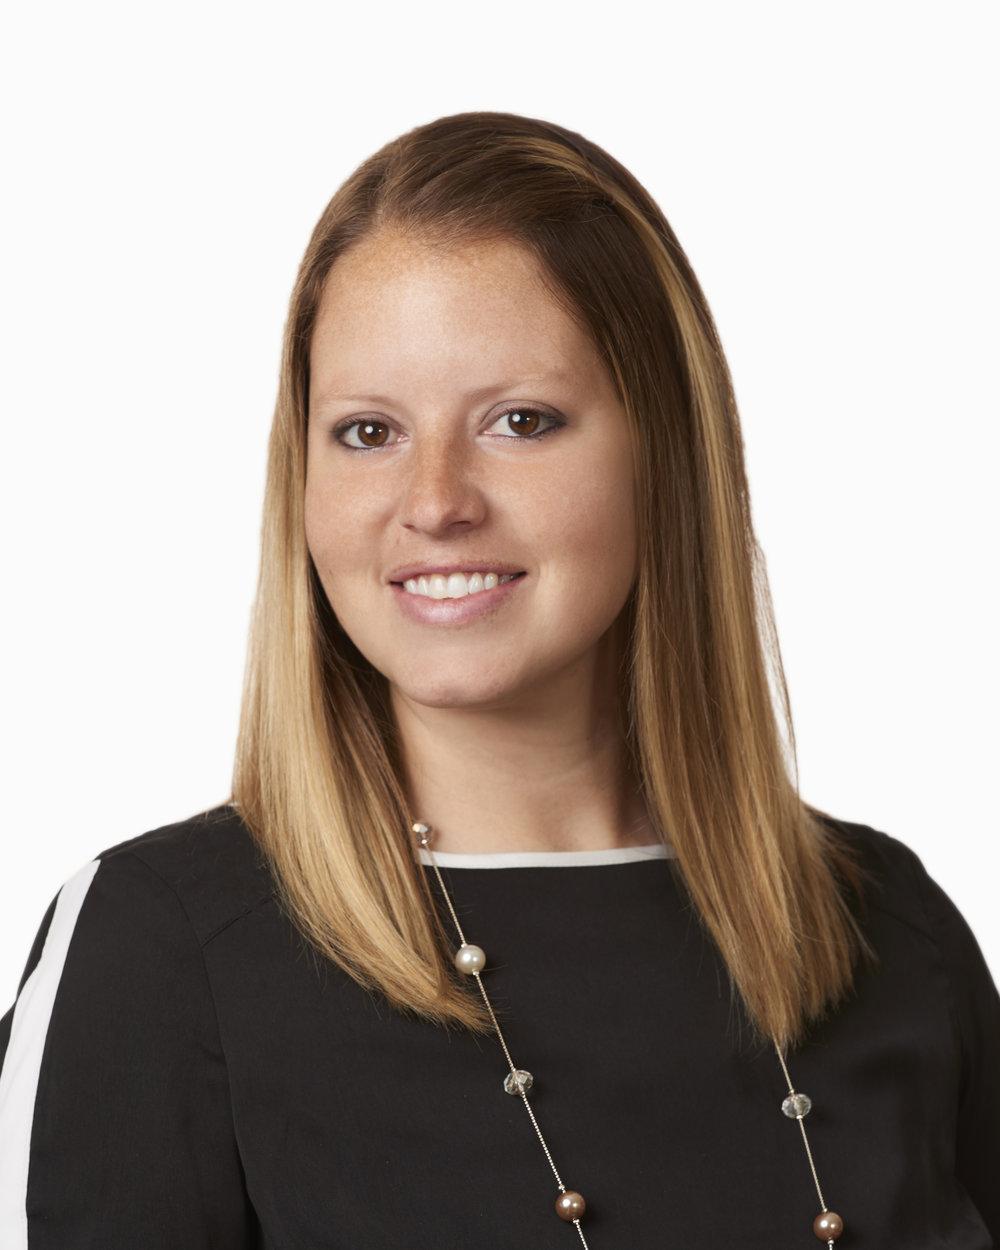 Katie Downing Headshot.jpg